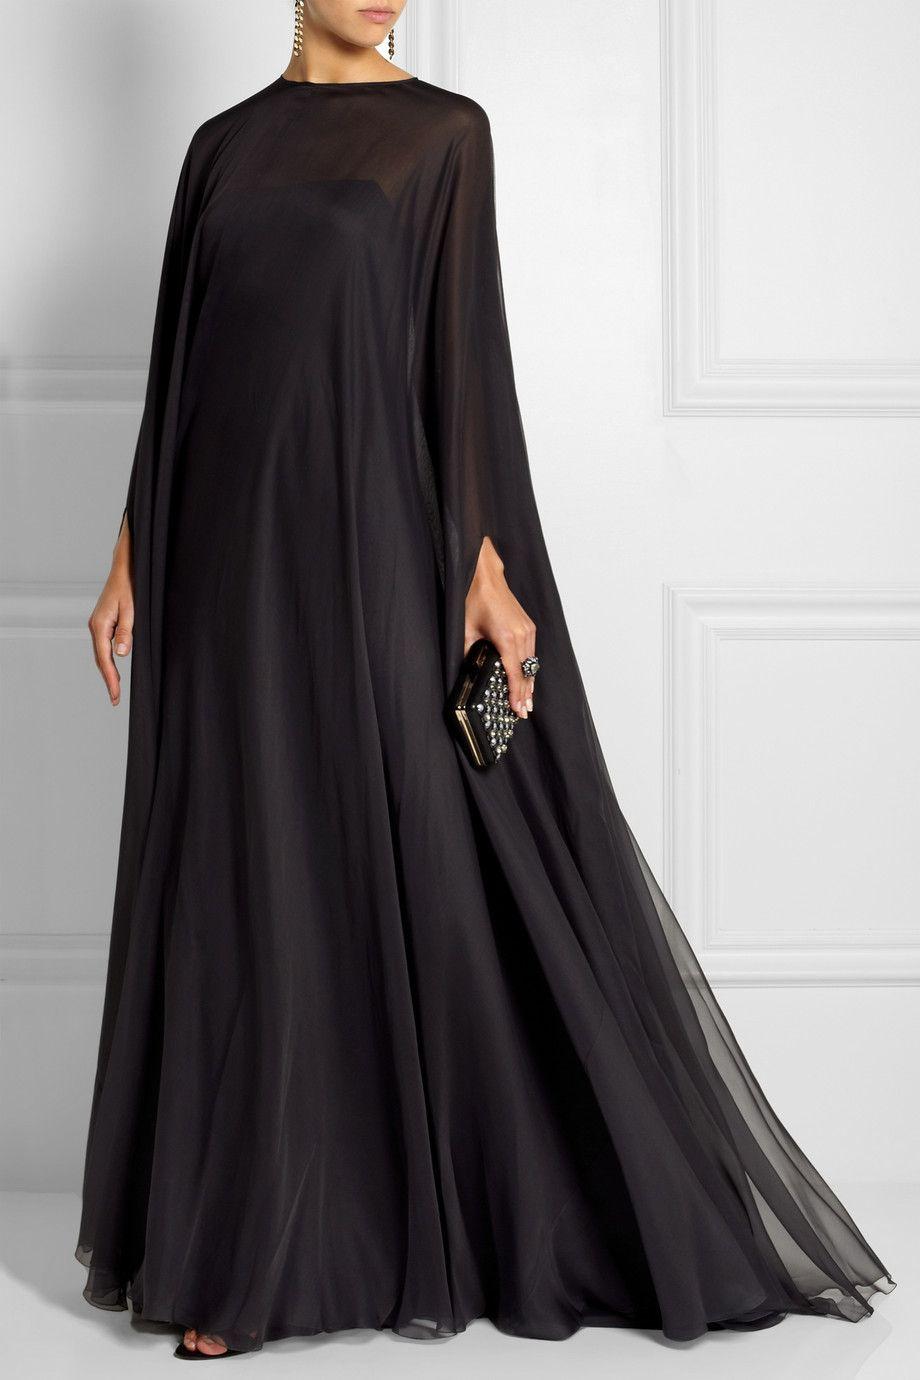 valentino robe longue du soir en mousseline de soie drap e armani pinterest vestiditos. Black Bedroom Furniture Sets. Home Design Ideas